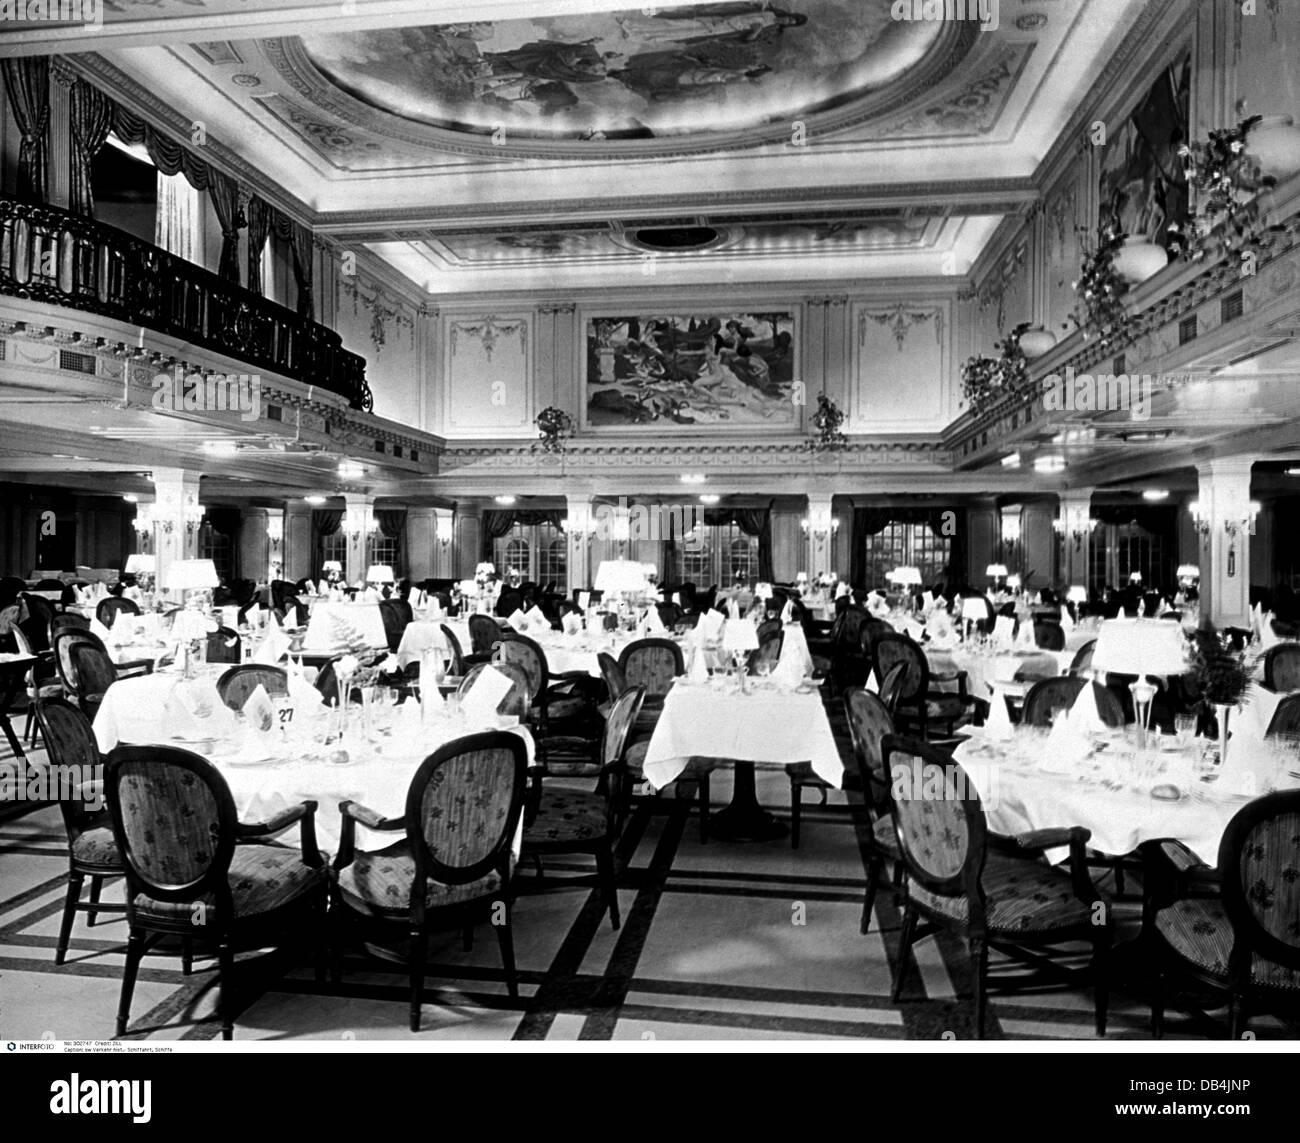 Transport Transportation Navigation Ship Interior Dining Hall - 1930s cruise ships